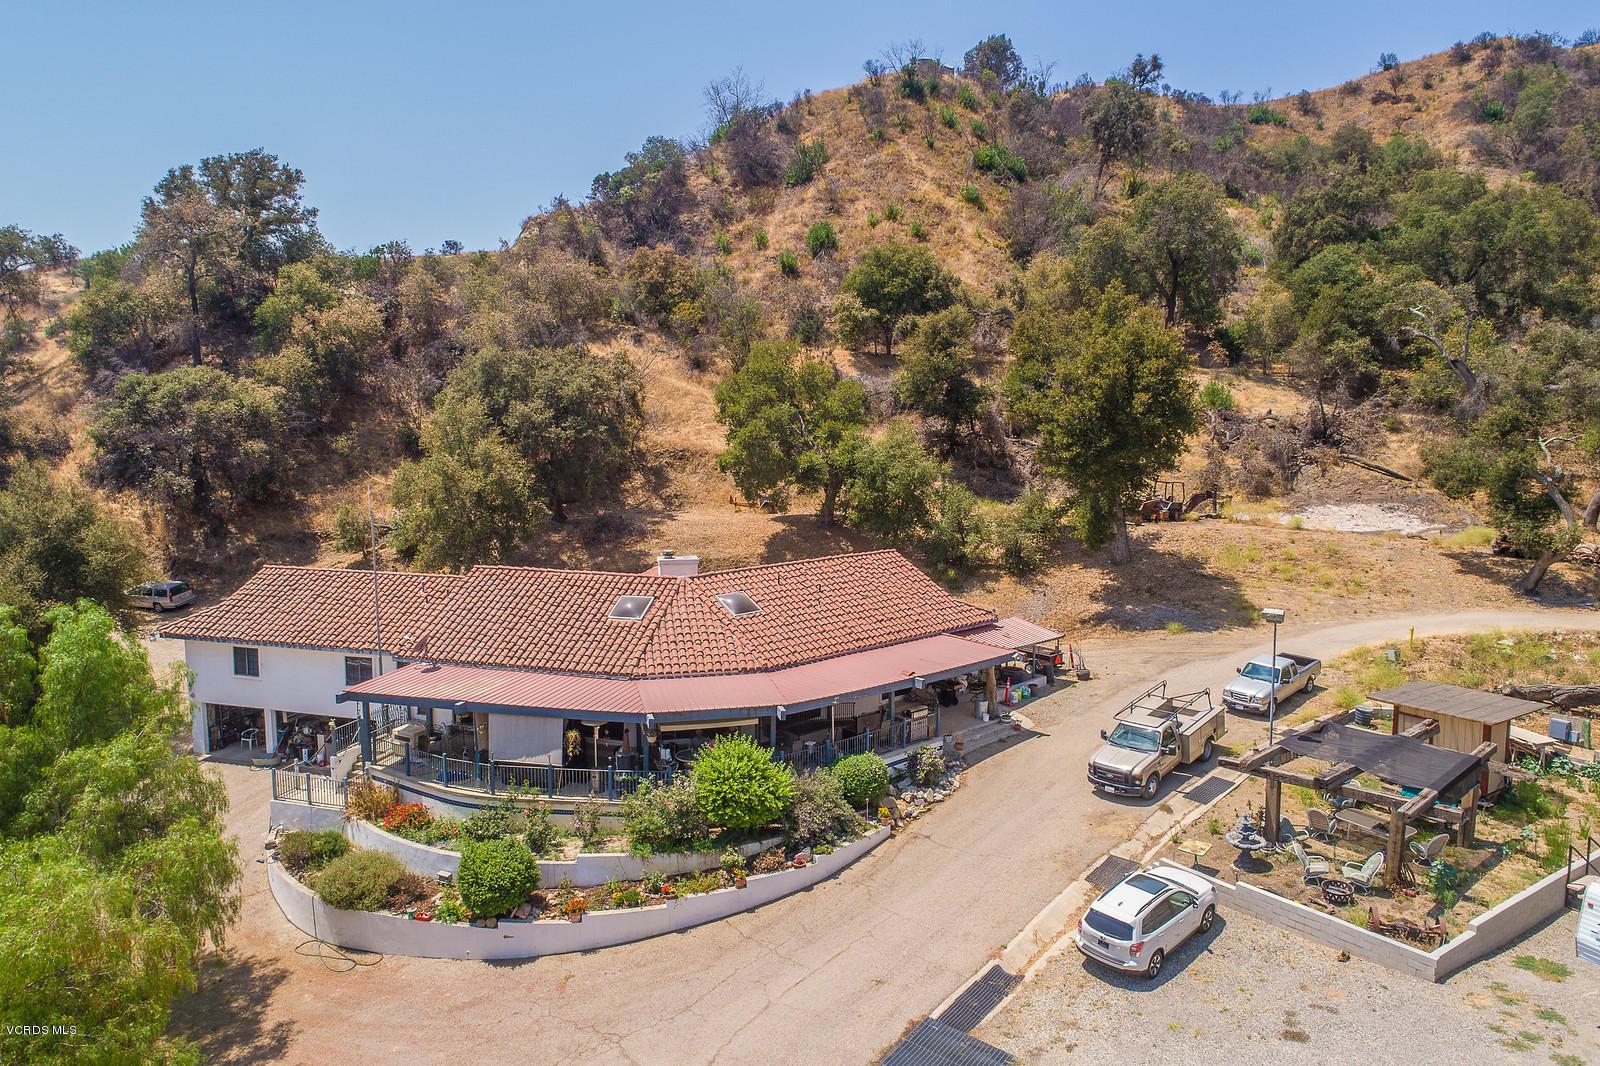 8405 Live Oak Ave, Santa Paula, CA 93060